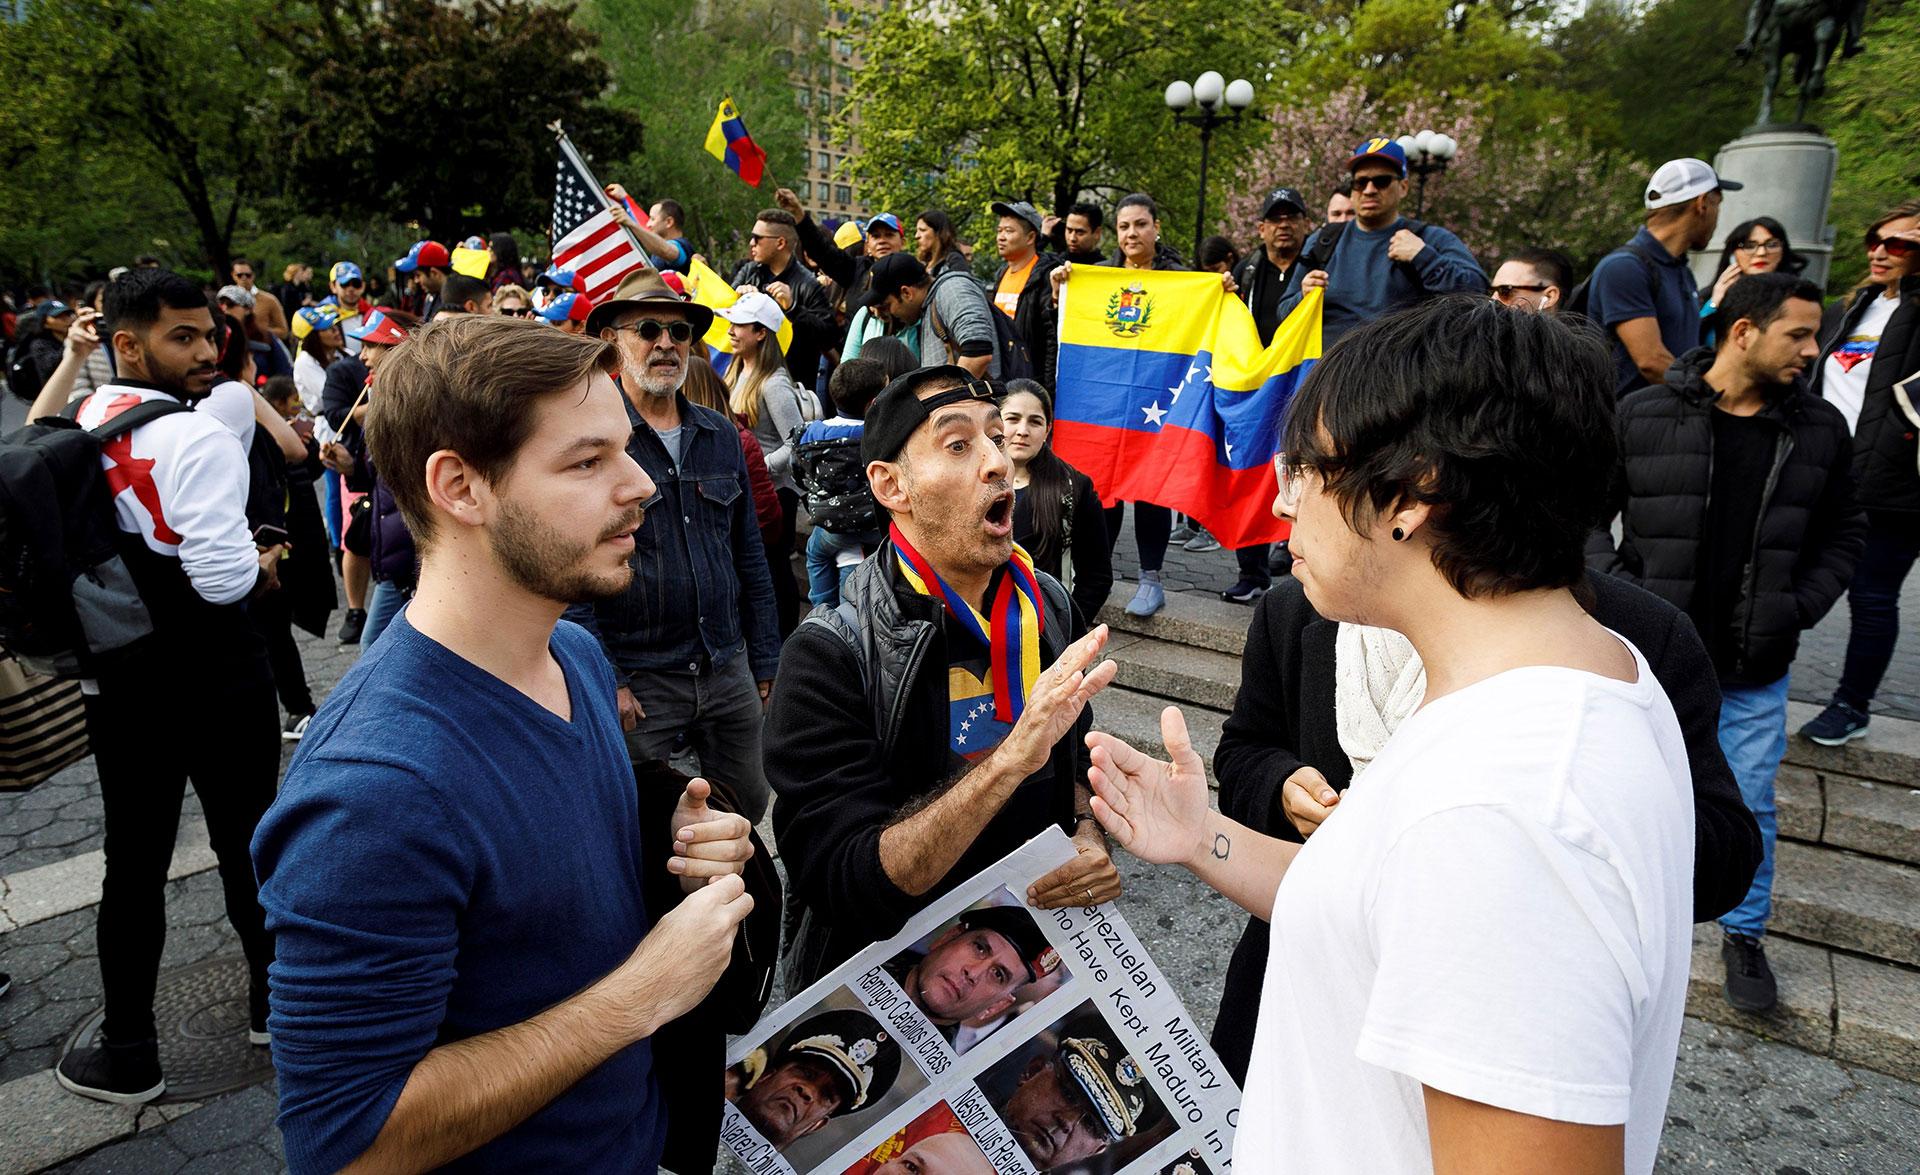 Partidarios del líder opositor venezolano Juan Guaidó discuten sobre política latinoamericana con un transeúnte en Union Square, en Nueva York